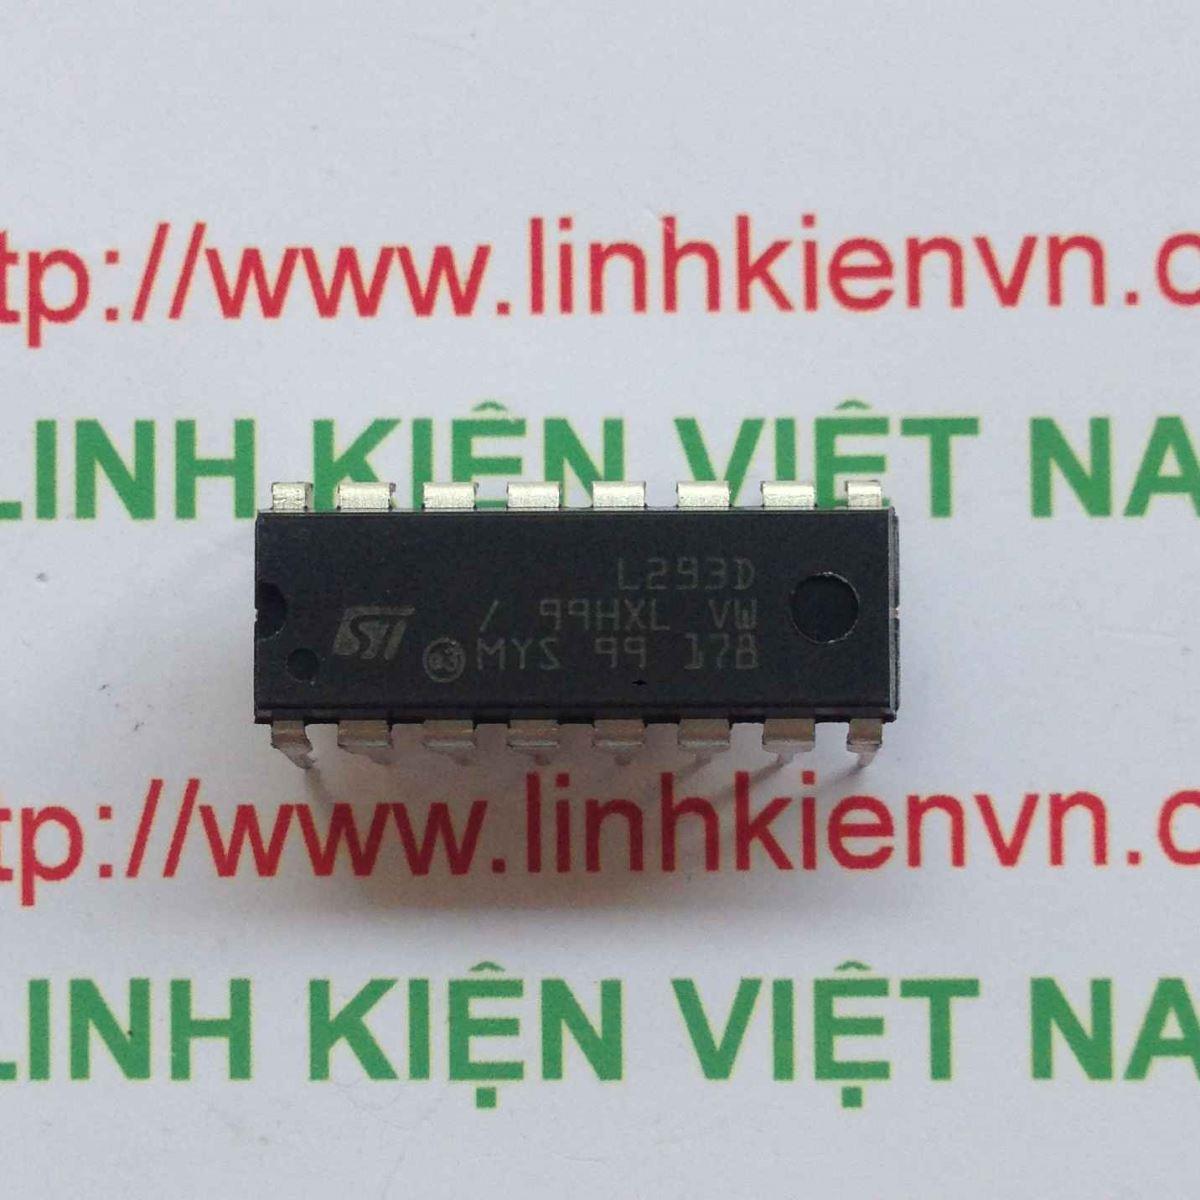 IC L293 DIP16 - F4H3